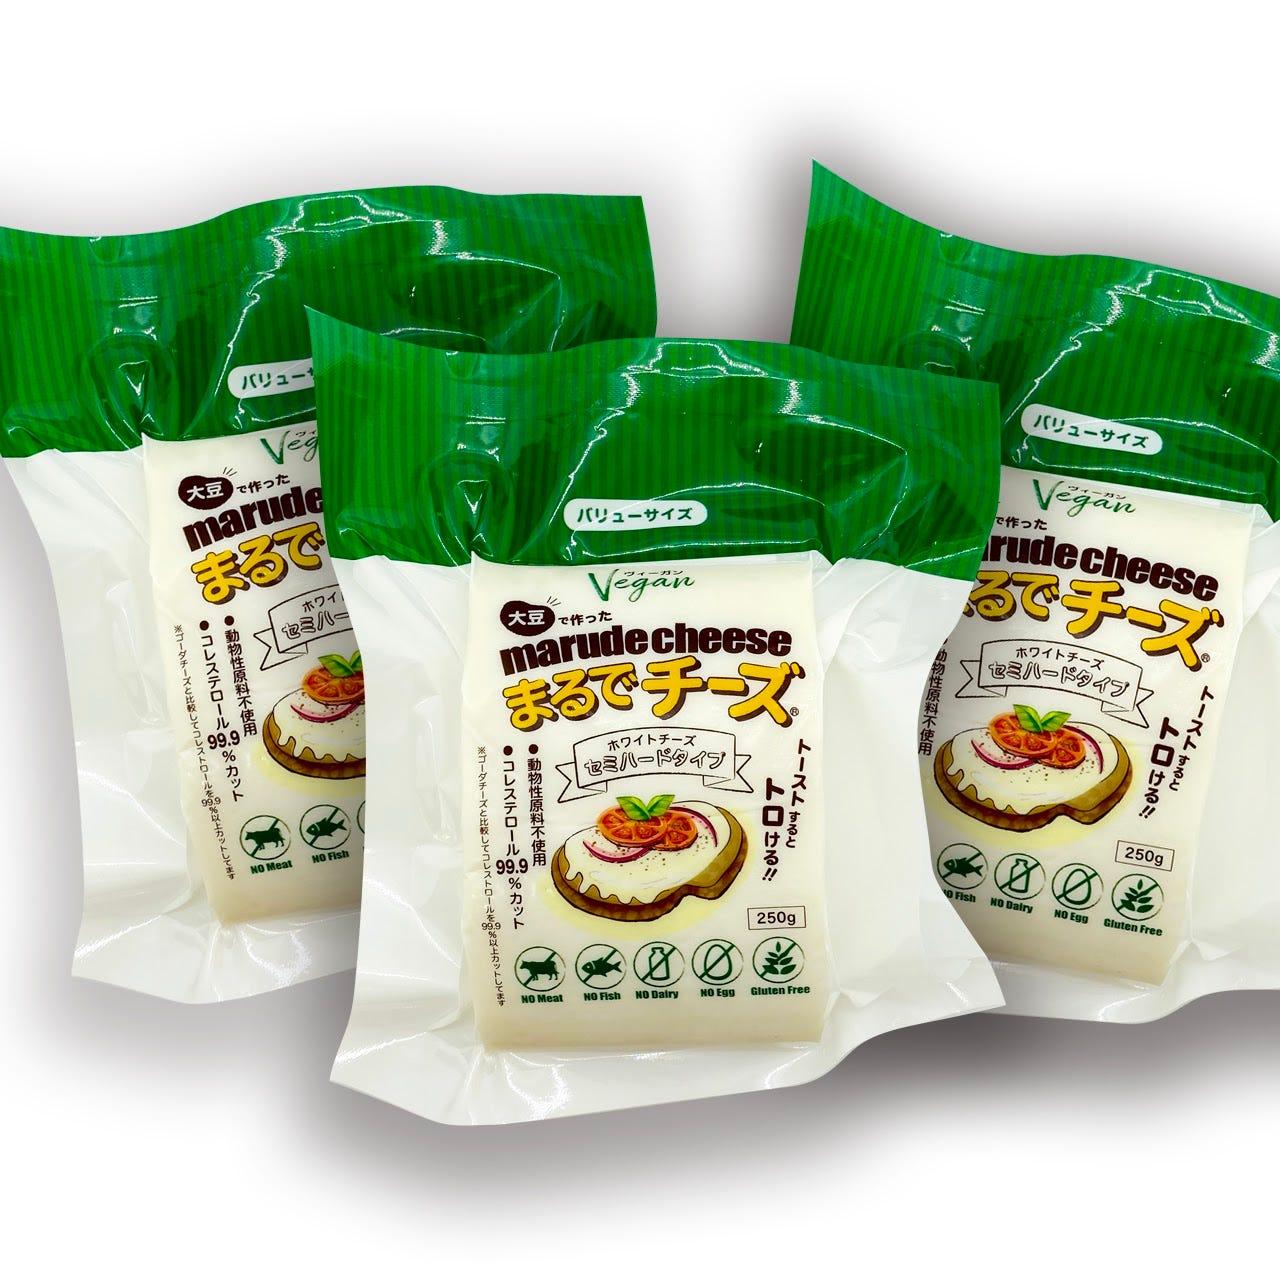 豆乳で作った「まるでチーズ」セミハードタイプ 250g X 3個セット Marude Cheese (Soy Cheese) / Semi-hard  Type 250g x 3 Block Set | Terra Foods